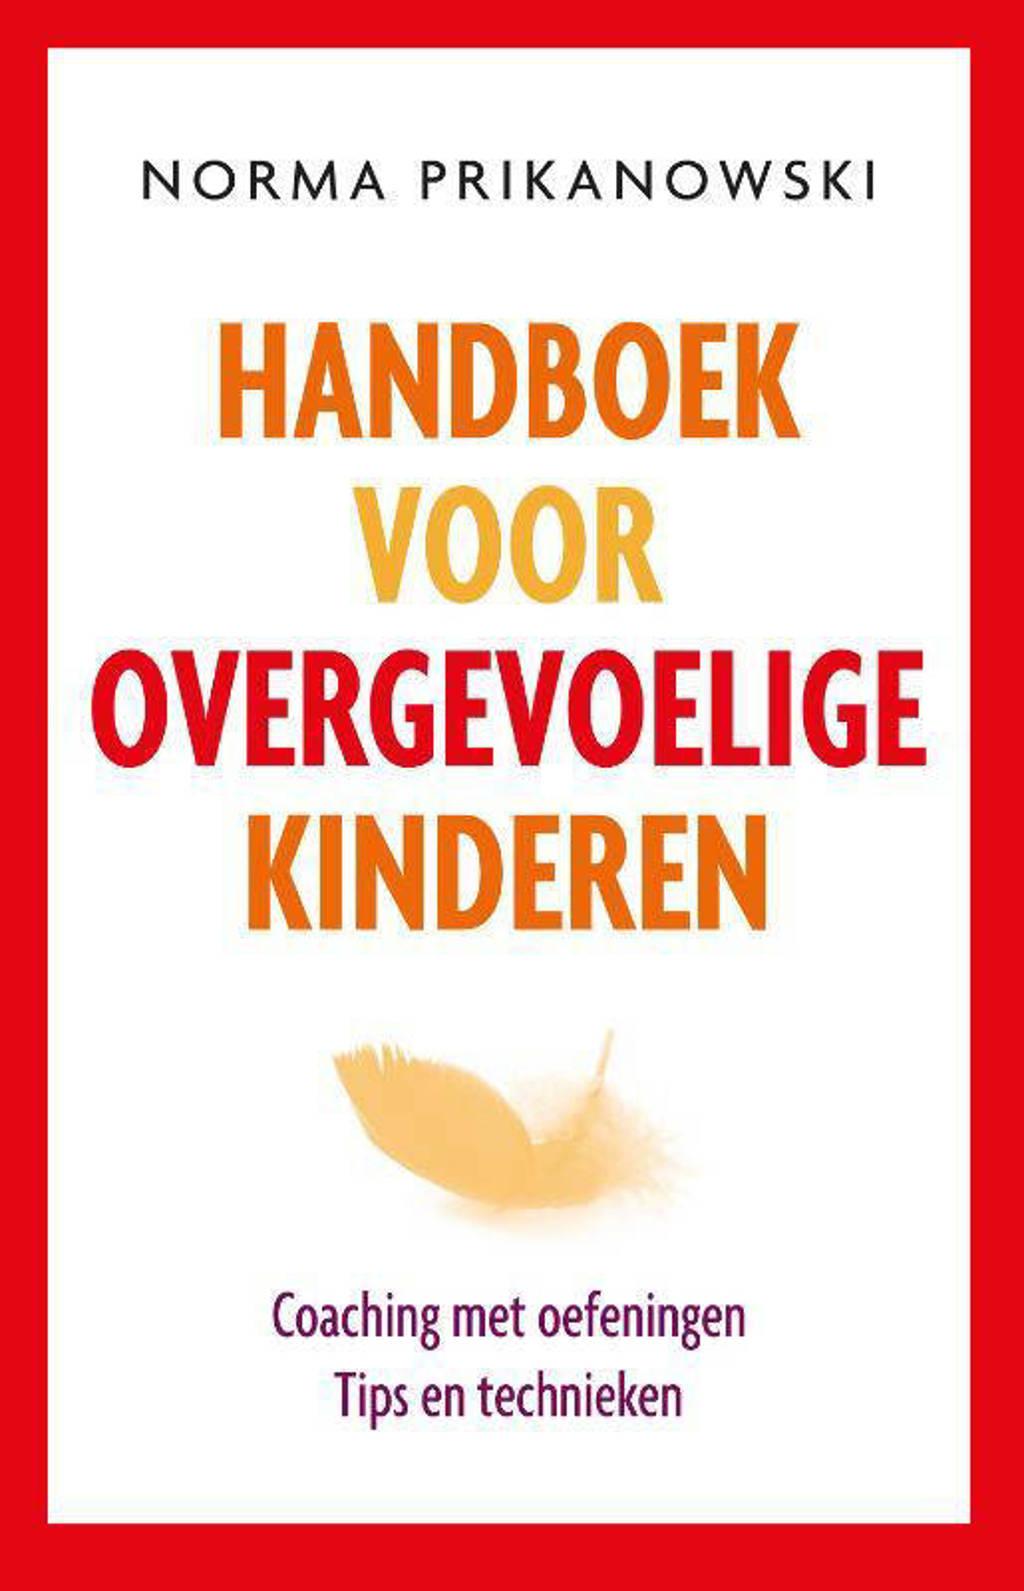 Handboek voor overgevoelige kinderen - Norma Prikanowski